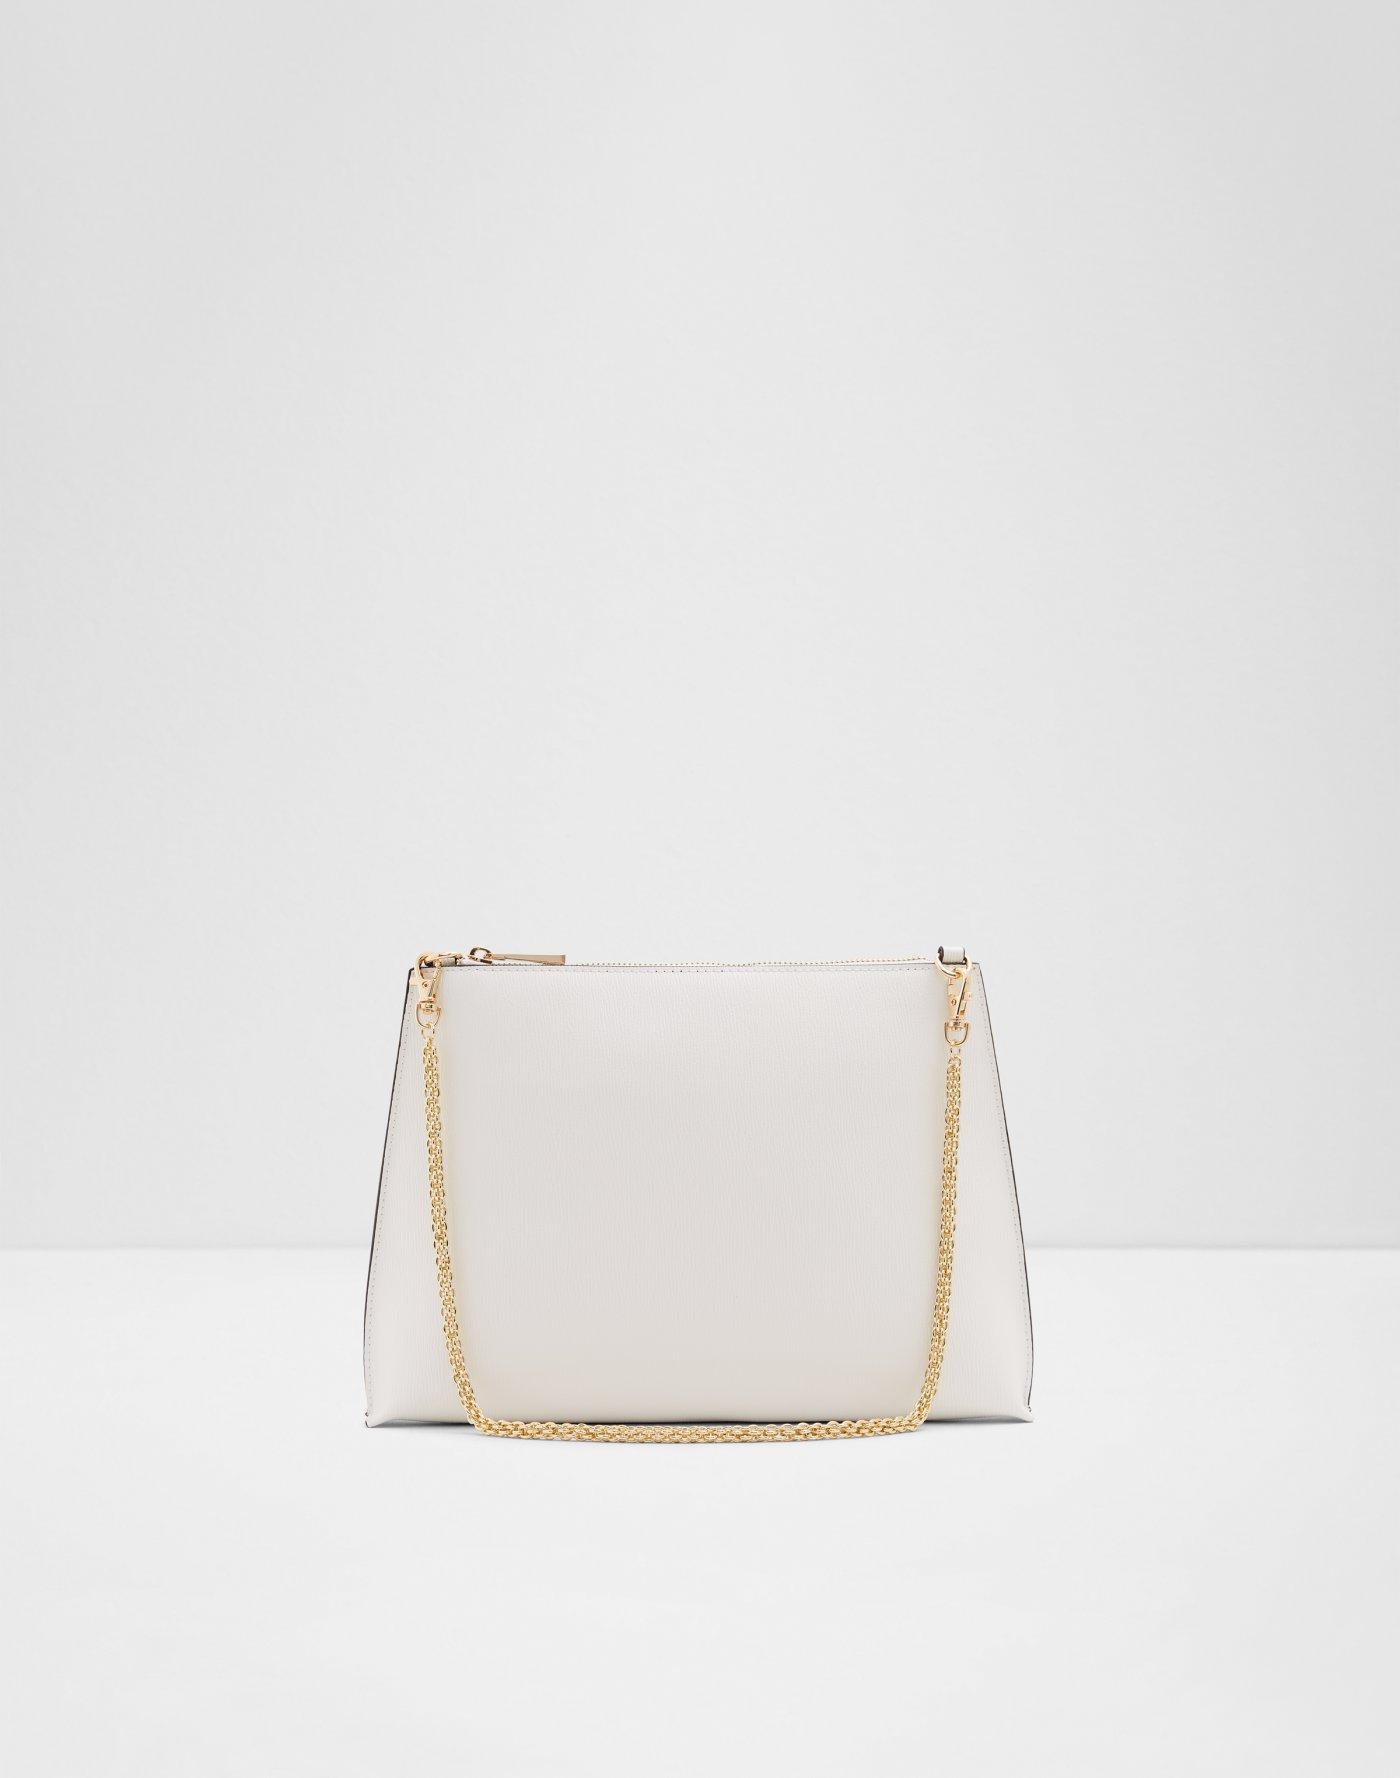 Women S Handbag Aldo Us Aldoshoes